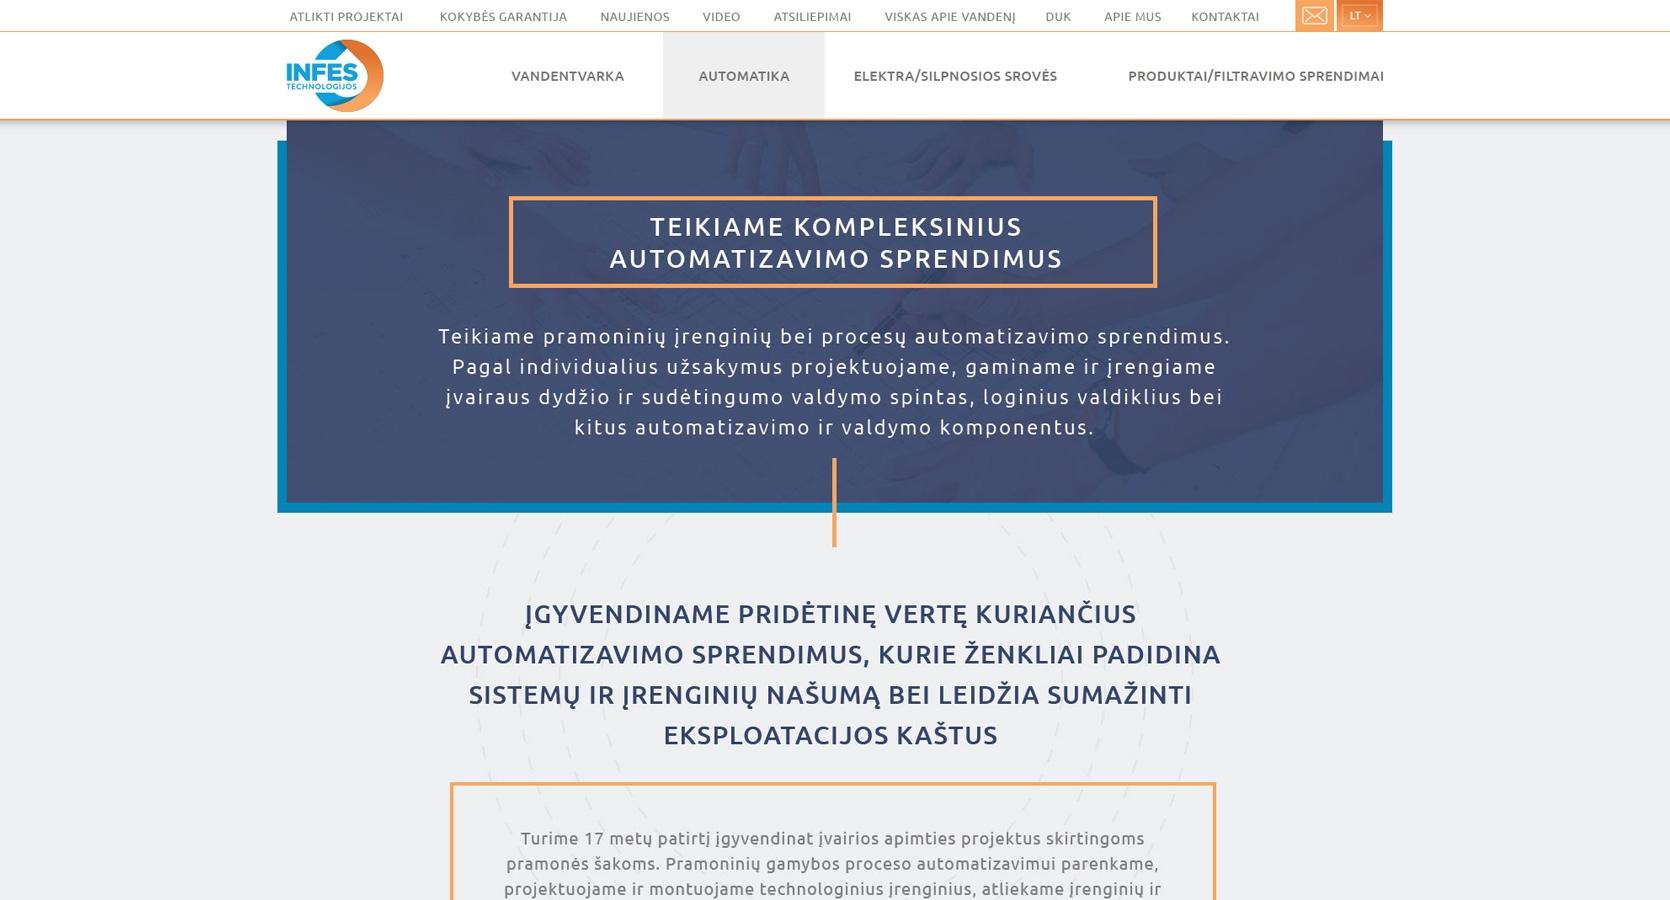 PIXELART - internetinių tinklalapių kūrimas. Kuriame aukščiausio lygio internetinius tinklalapius, kurie išsiskiria informatyvumu, funkcionalumu ir unikaliu dizainu. Internetinių tinklalapių kūrimas: Vilniuje, Kaune, Šiauliuose, Klaipėdoje, Panevėžyje.